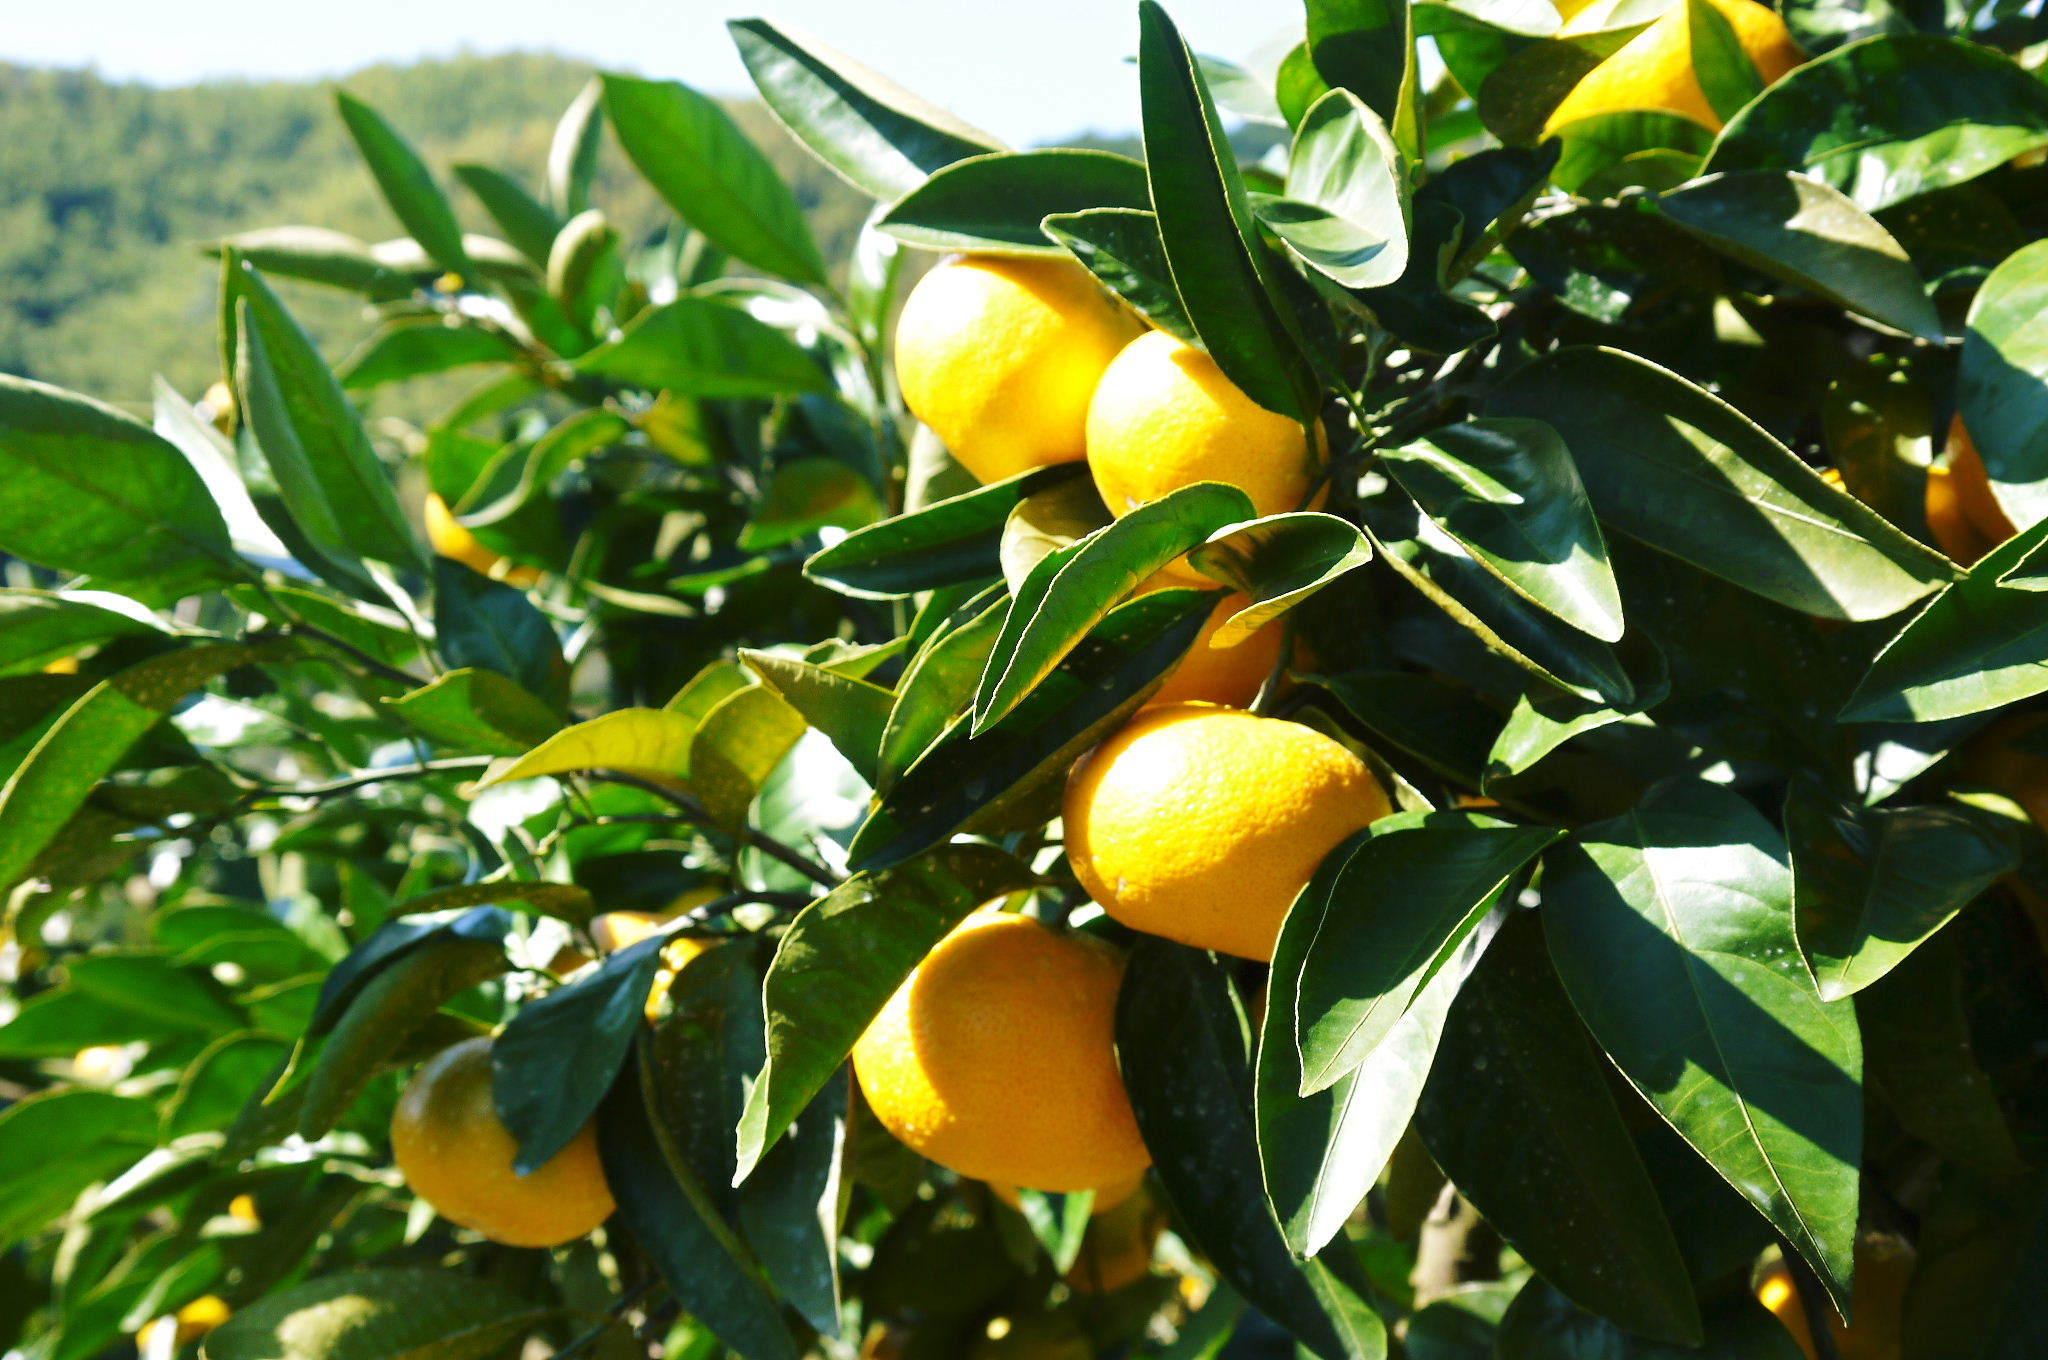 ザ・みかん みかんの花咲く様子(2020年)と春草を有機肥料に!!元気いっぱいの果樹で育てます!!_a0254656_14473940.jpg